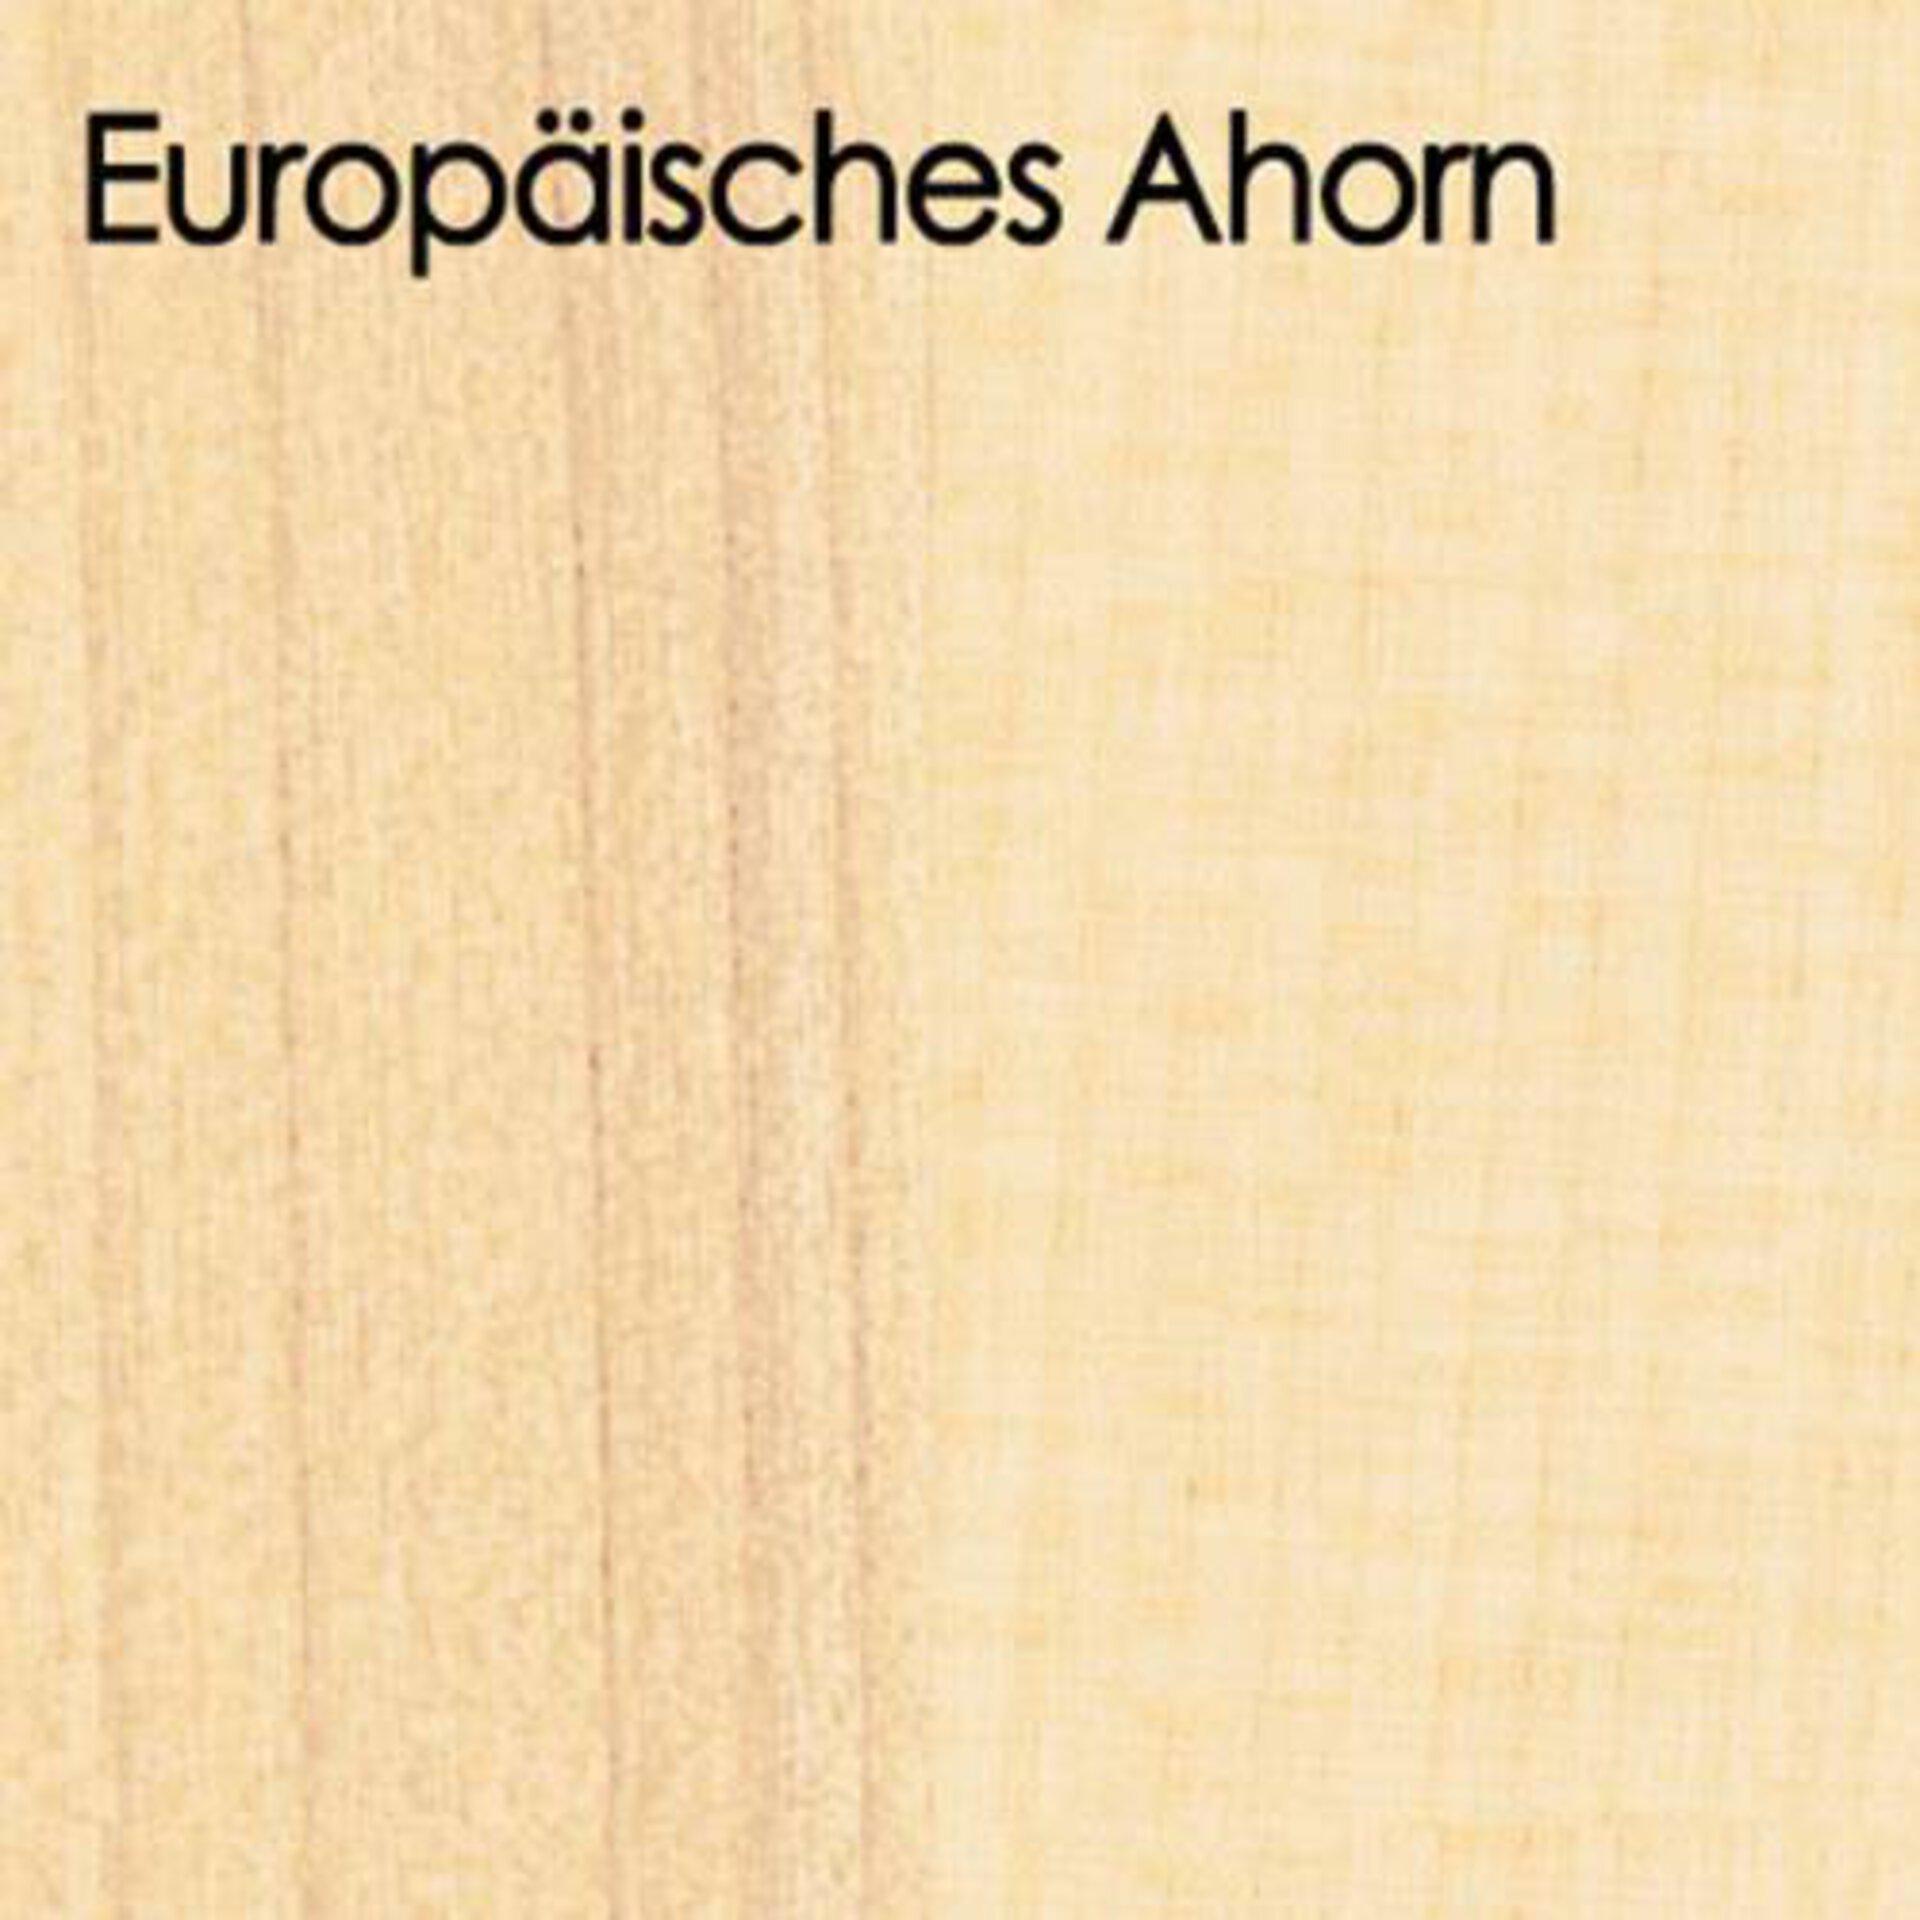 Arbeitsplatte aus Massivholz in der Ausführung Europäisches Ahorn